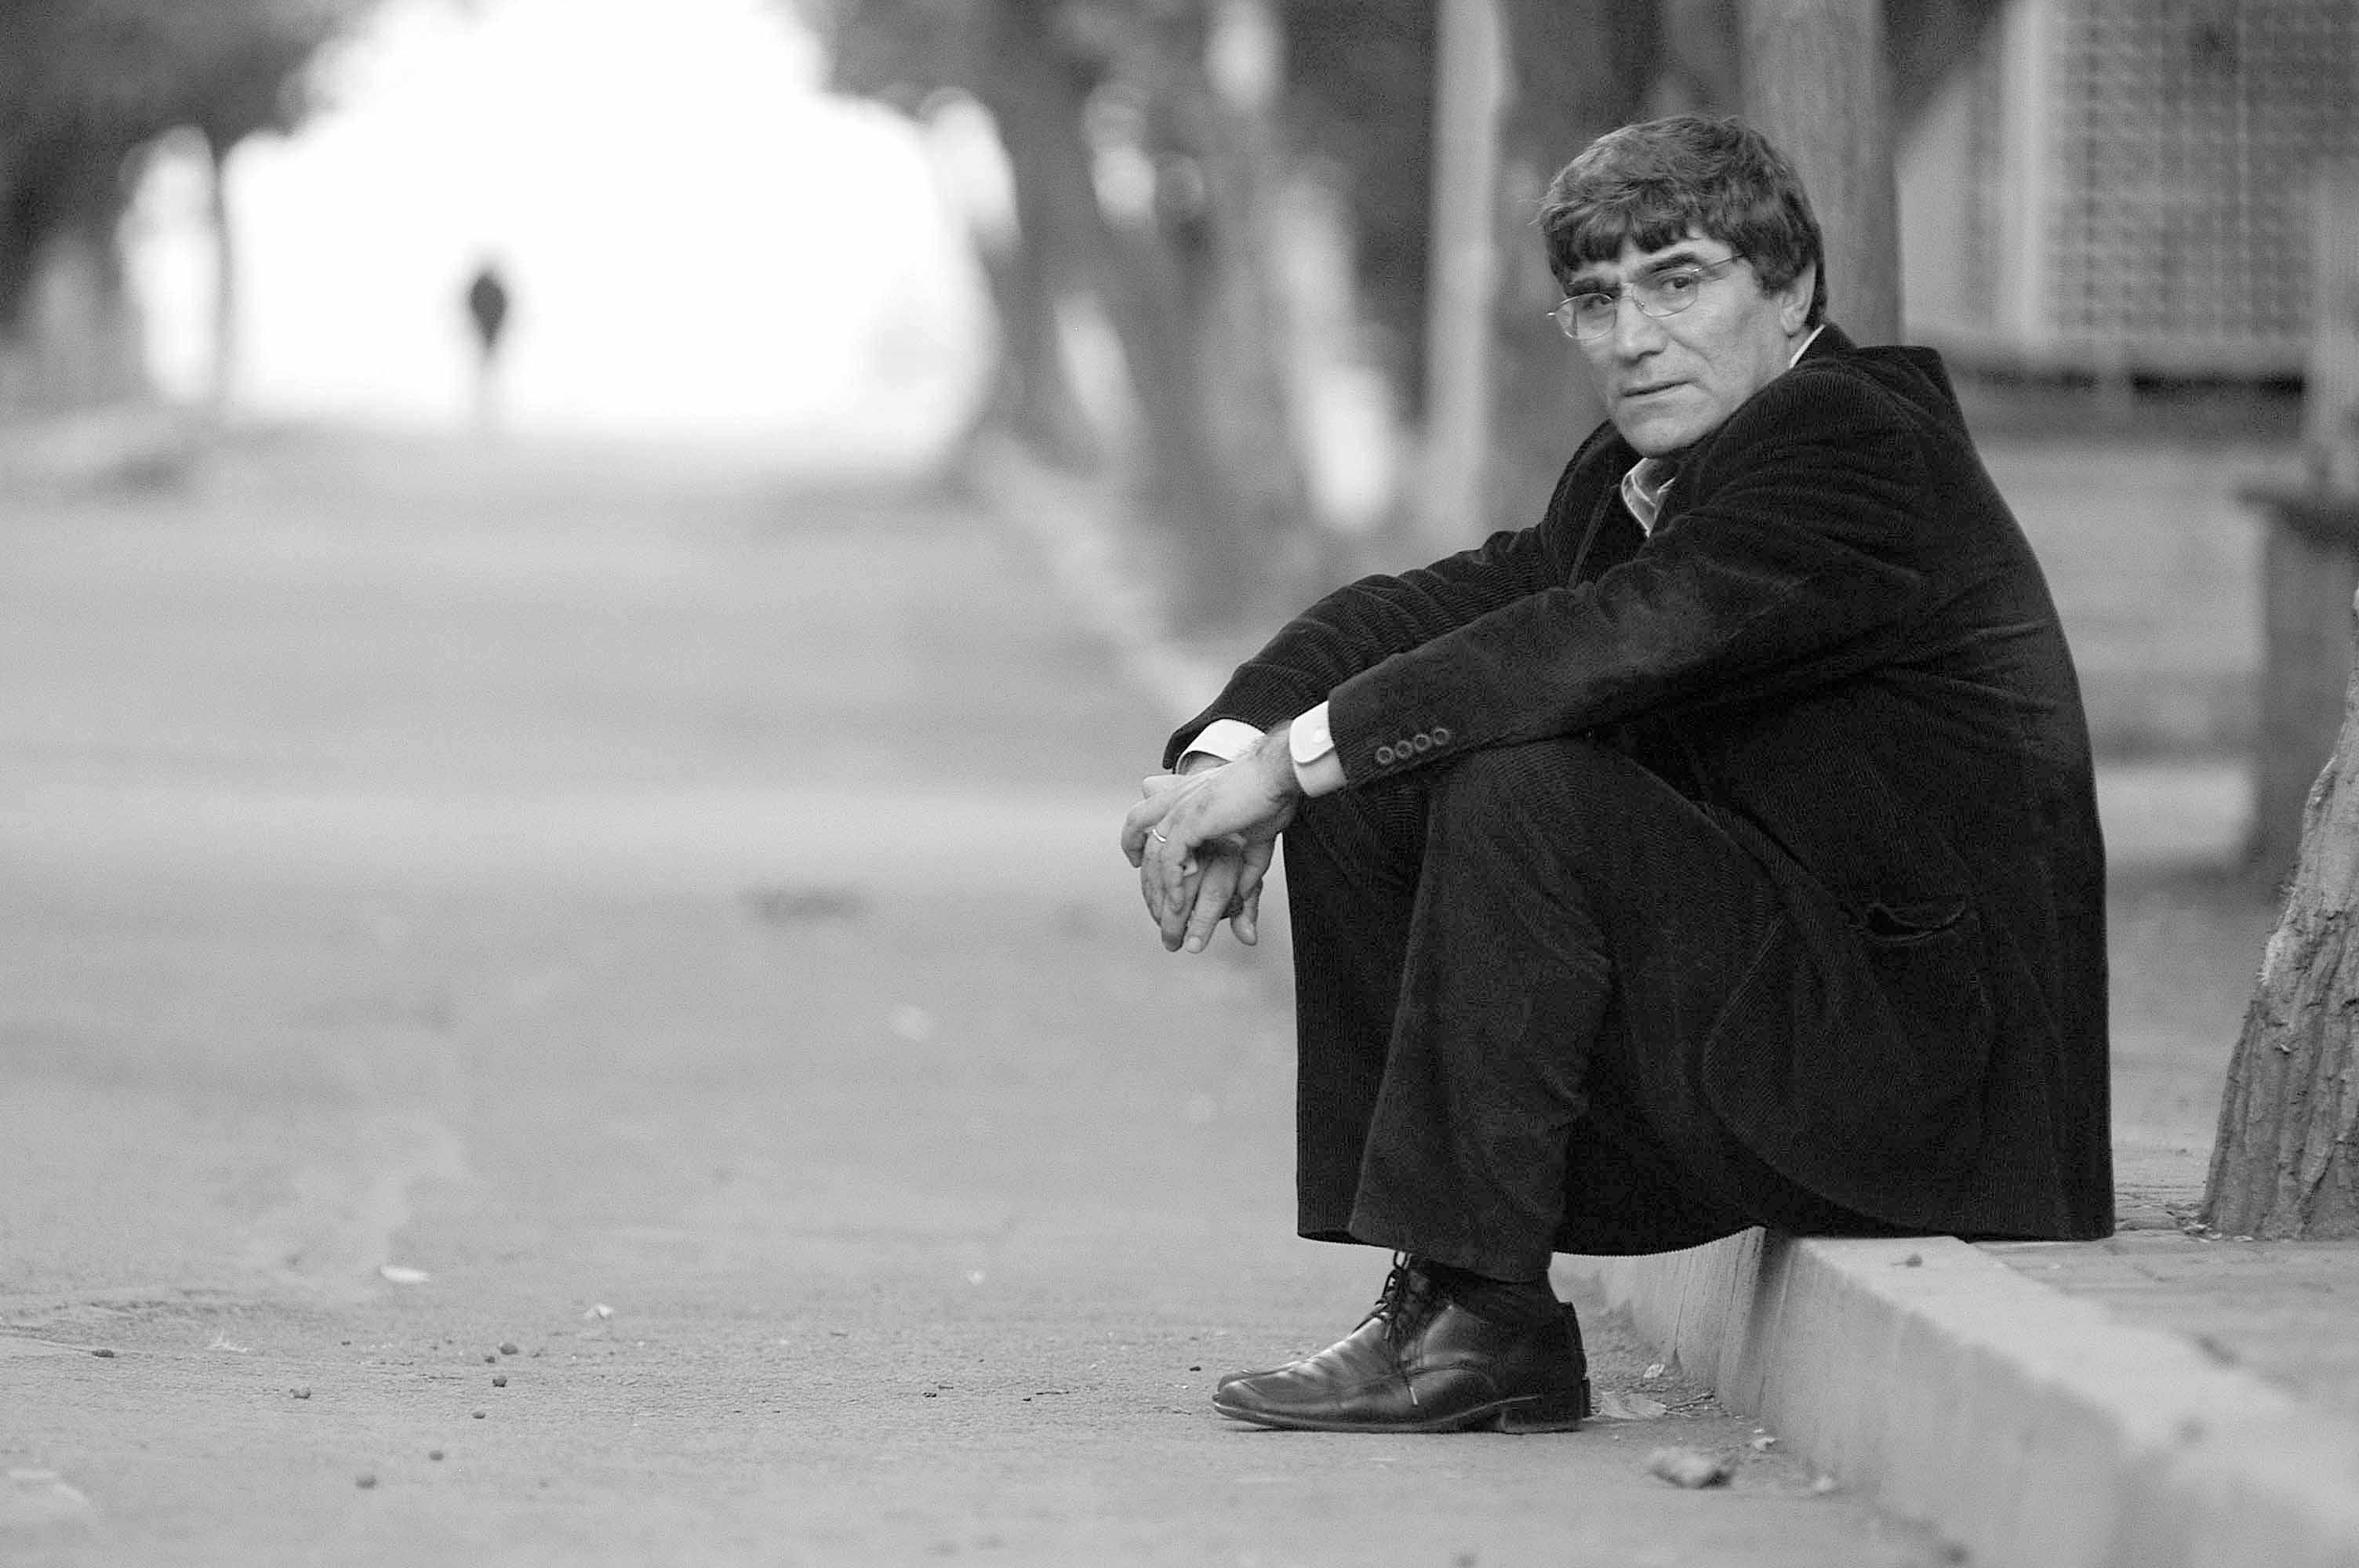 Morder(e) af armensk journalist Hrant Dink er fortsat på fri fod efter 8 år